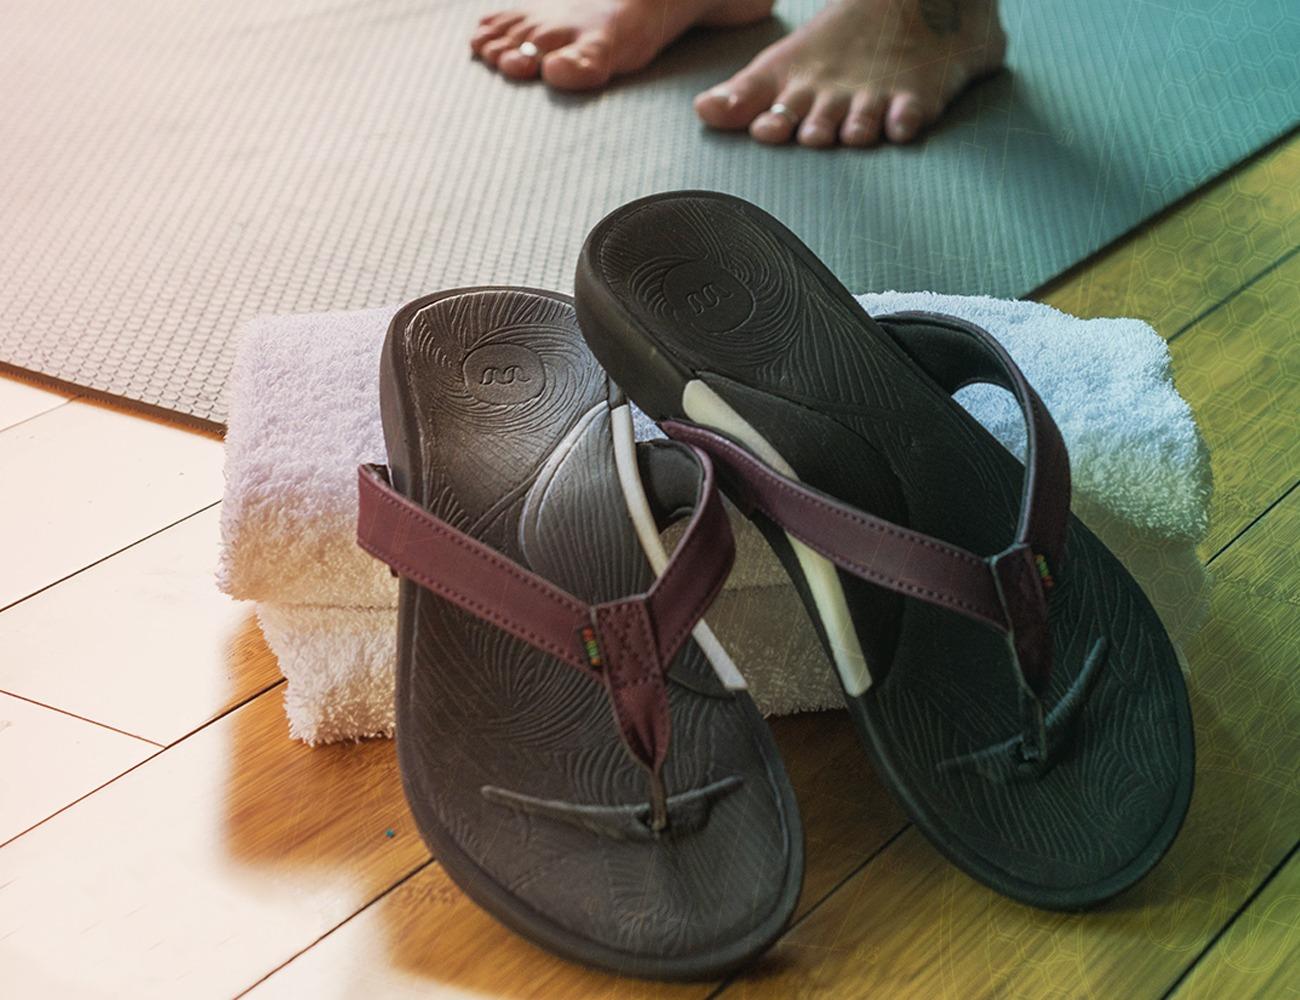 11e801bc85cc69 Wiivv Custom Fit 3D Printed Sandals » Gadget Flow